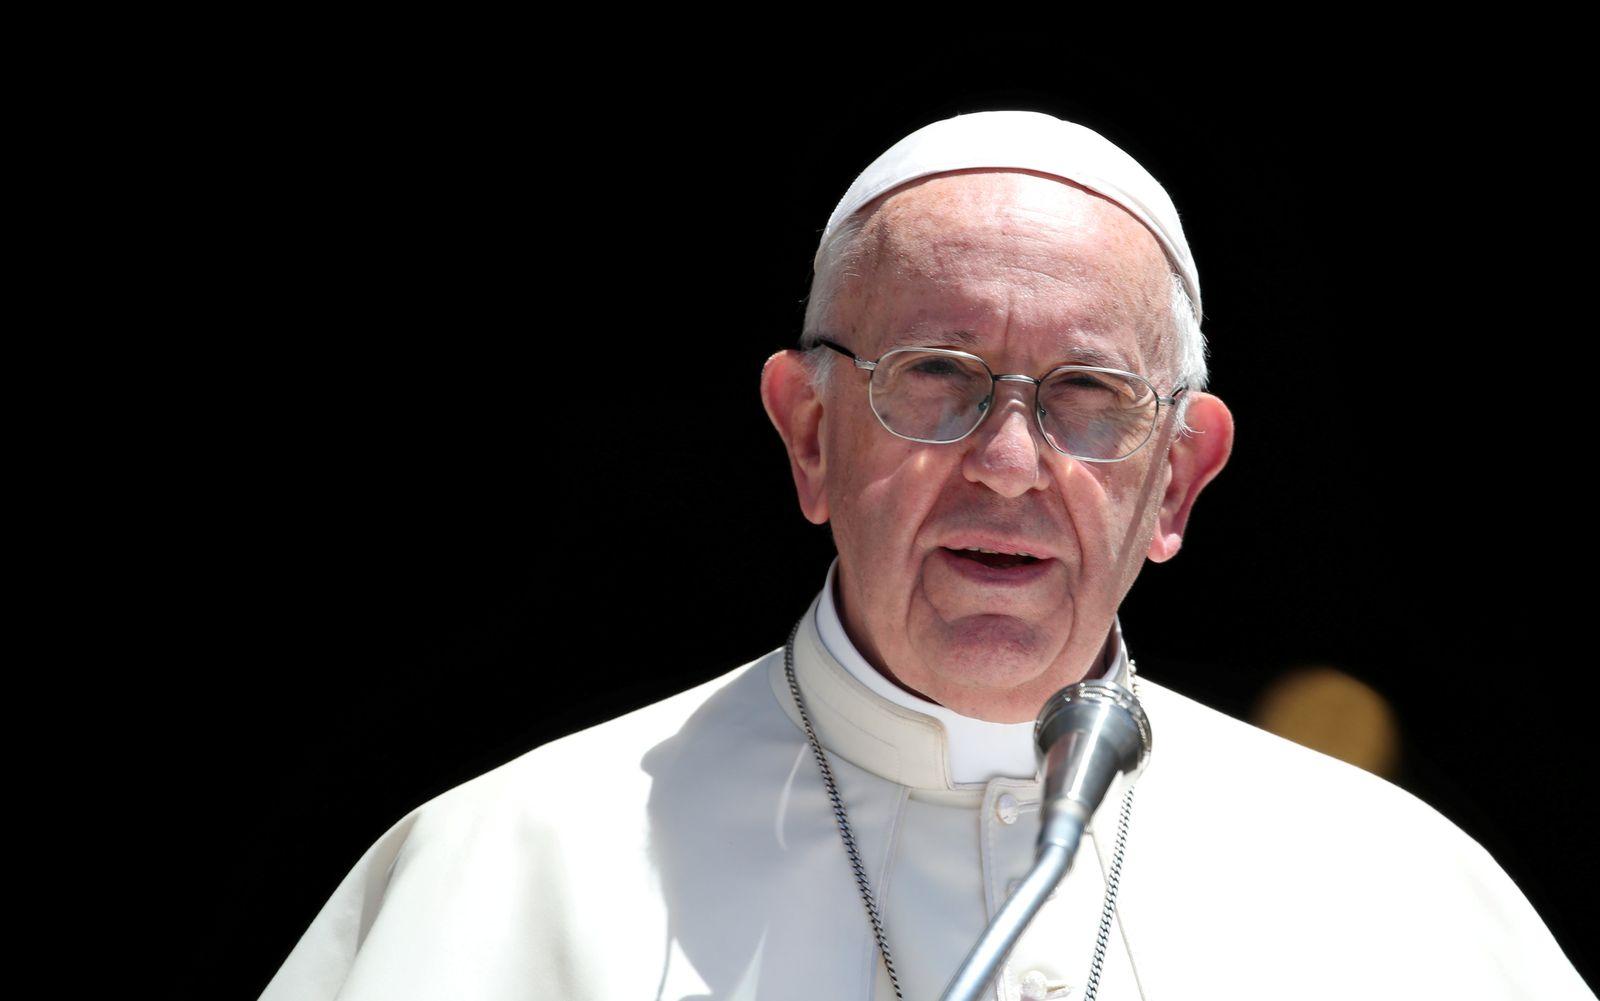 POPE-DEATHPENALTY/